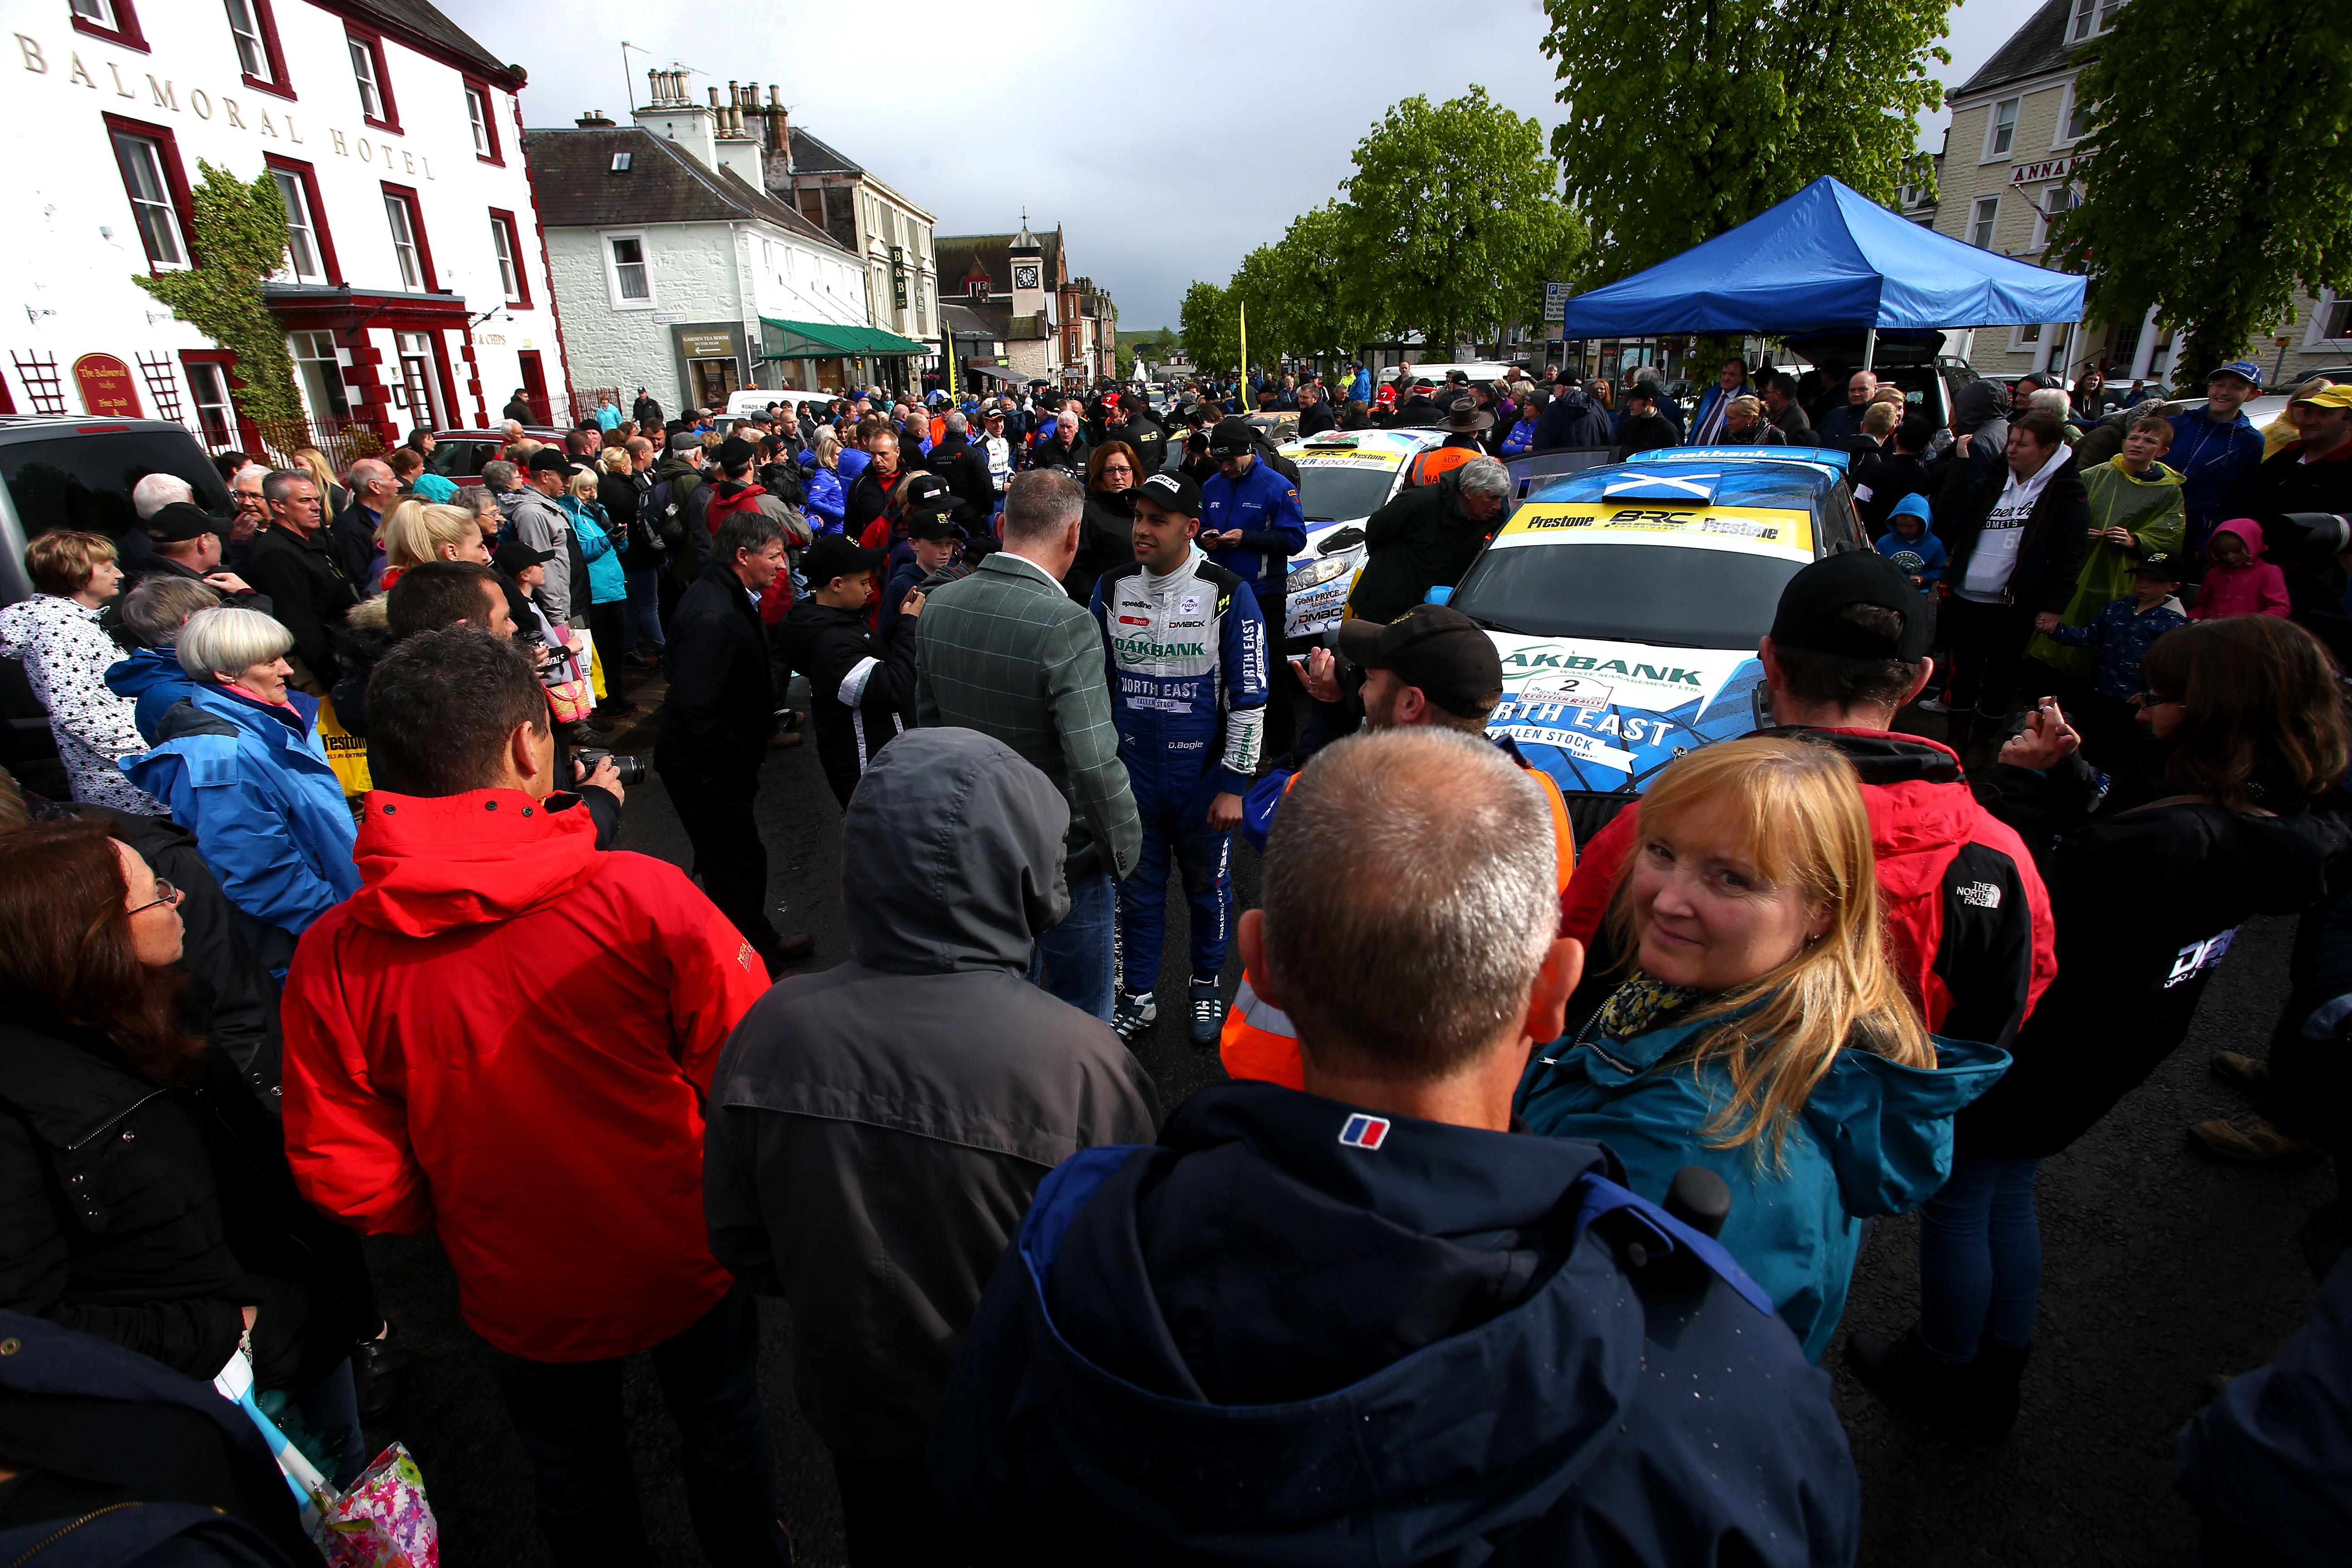 RSAC Scottish Rally returns to Moffatt